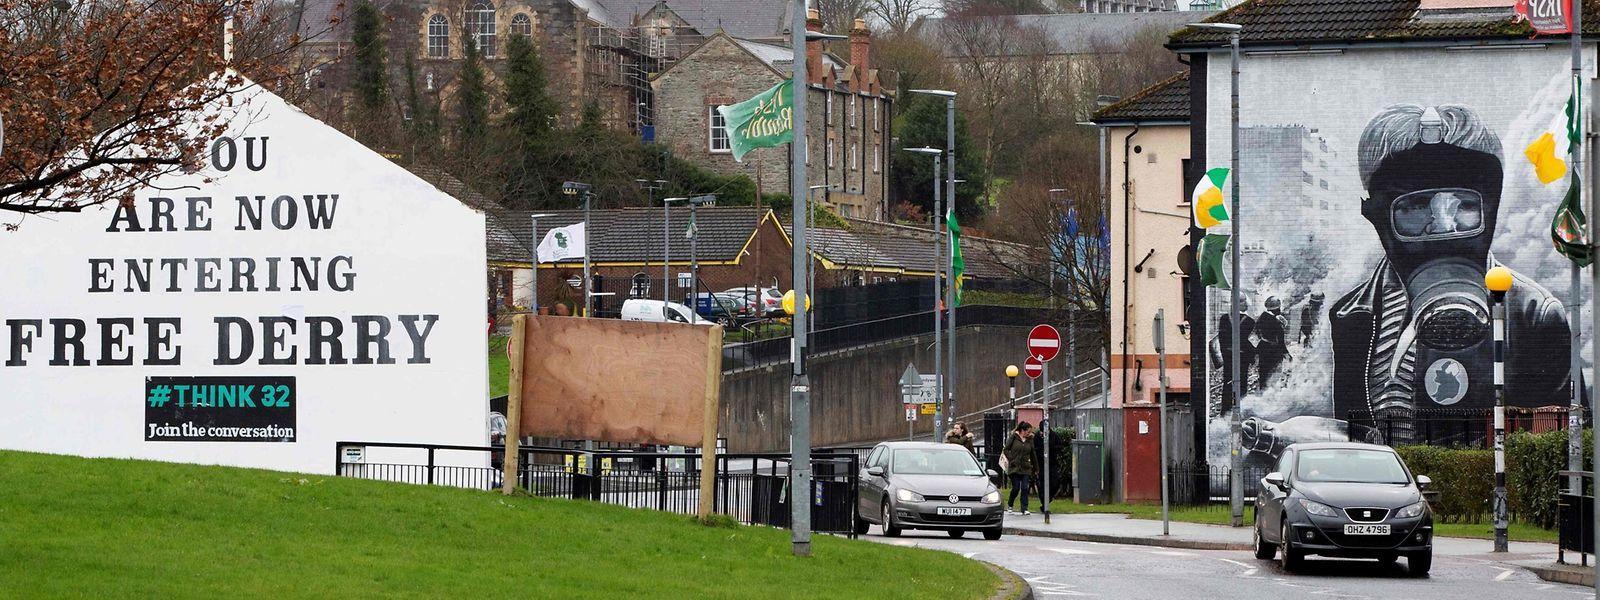 """Die Stadt Londonderry war bereits in der Vergangenheit von den sogenannten """"Troubles"""" stark betroffen. Wandbilder erinnern an die blutigen Zeiten."""